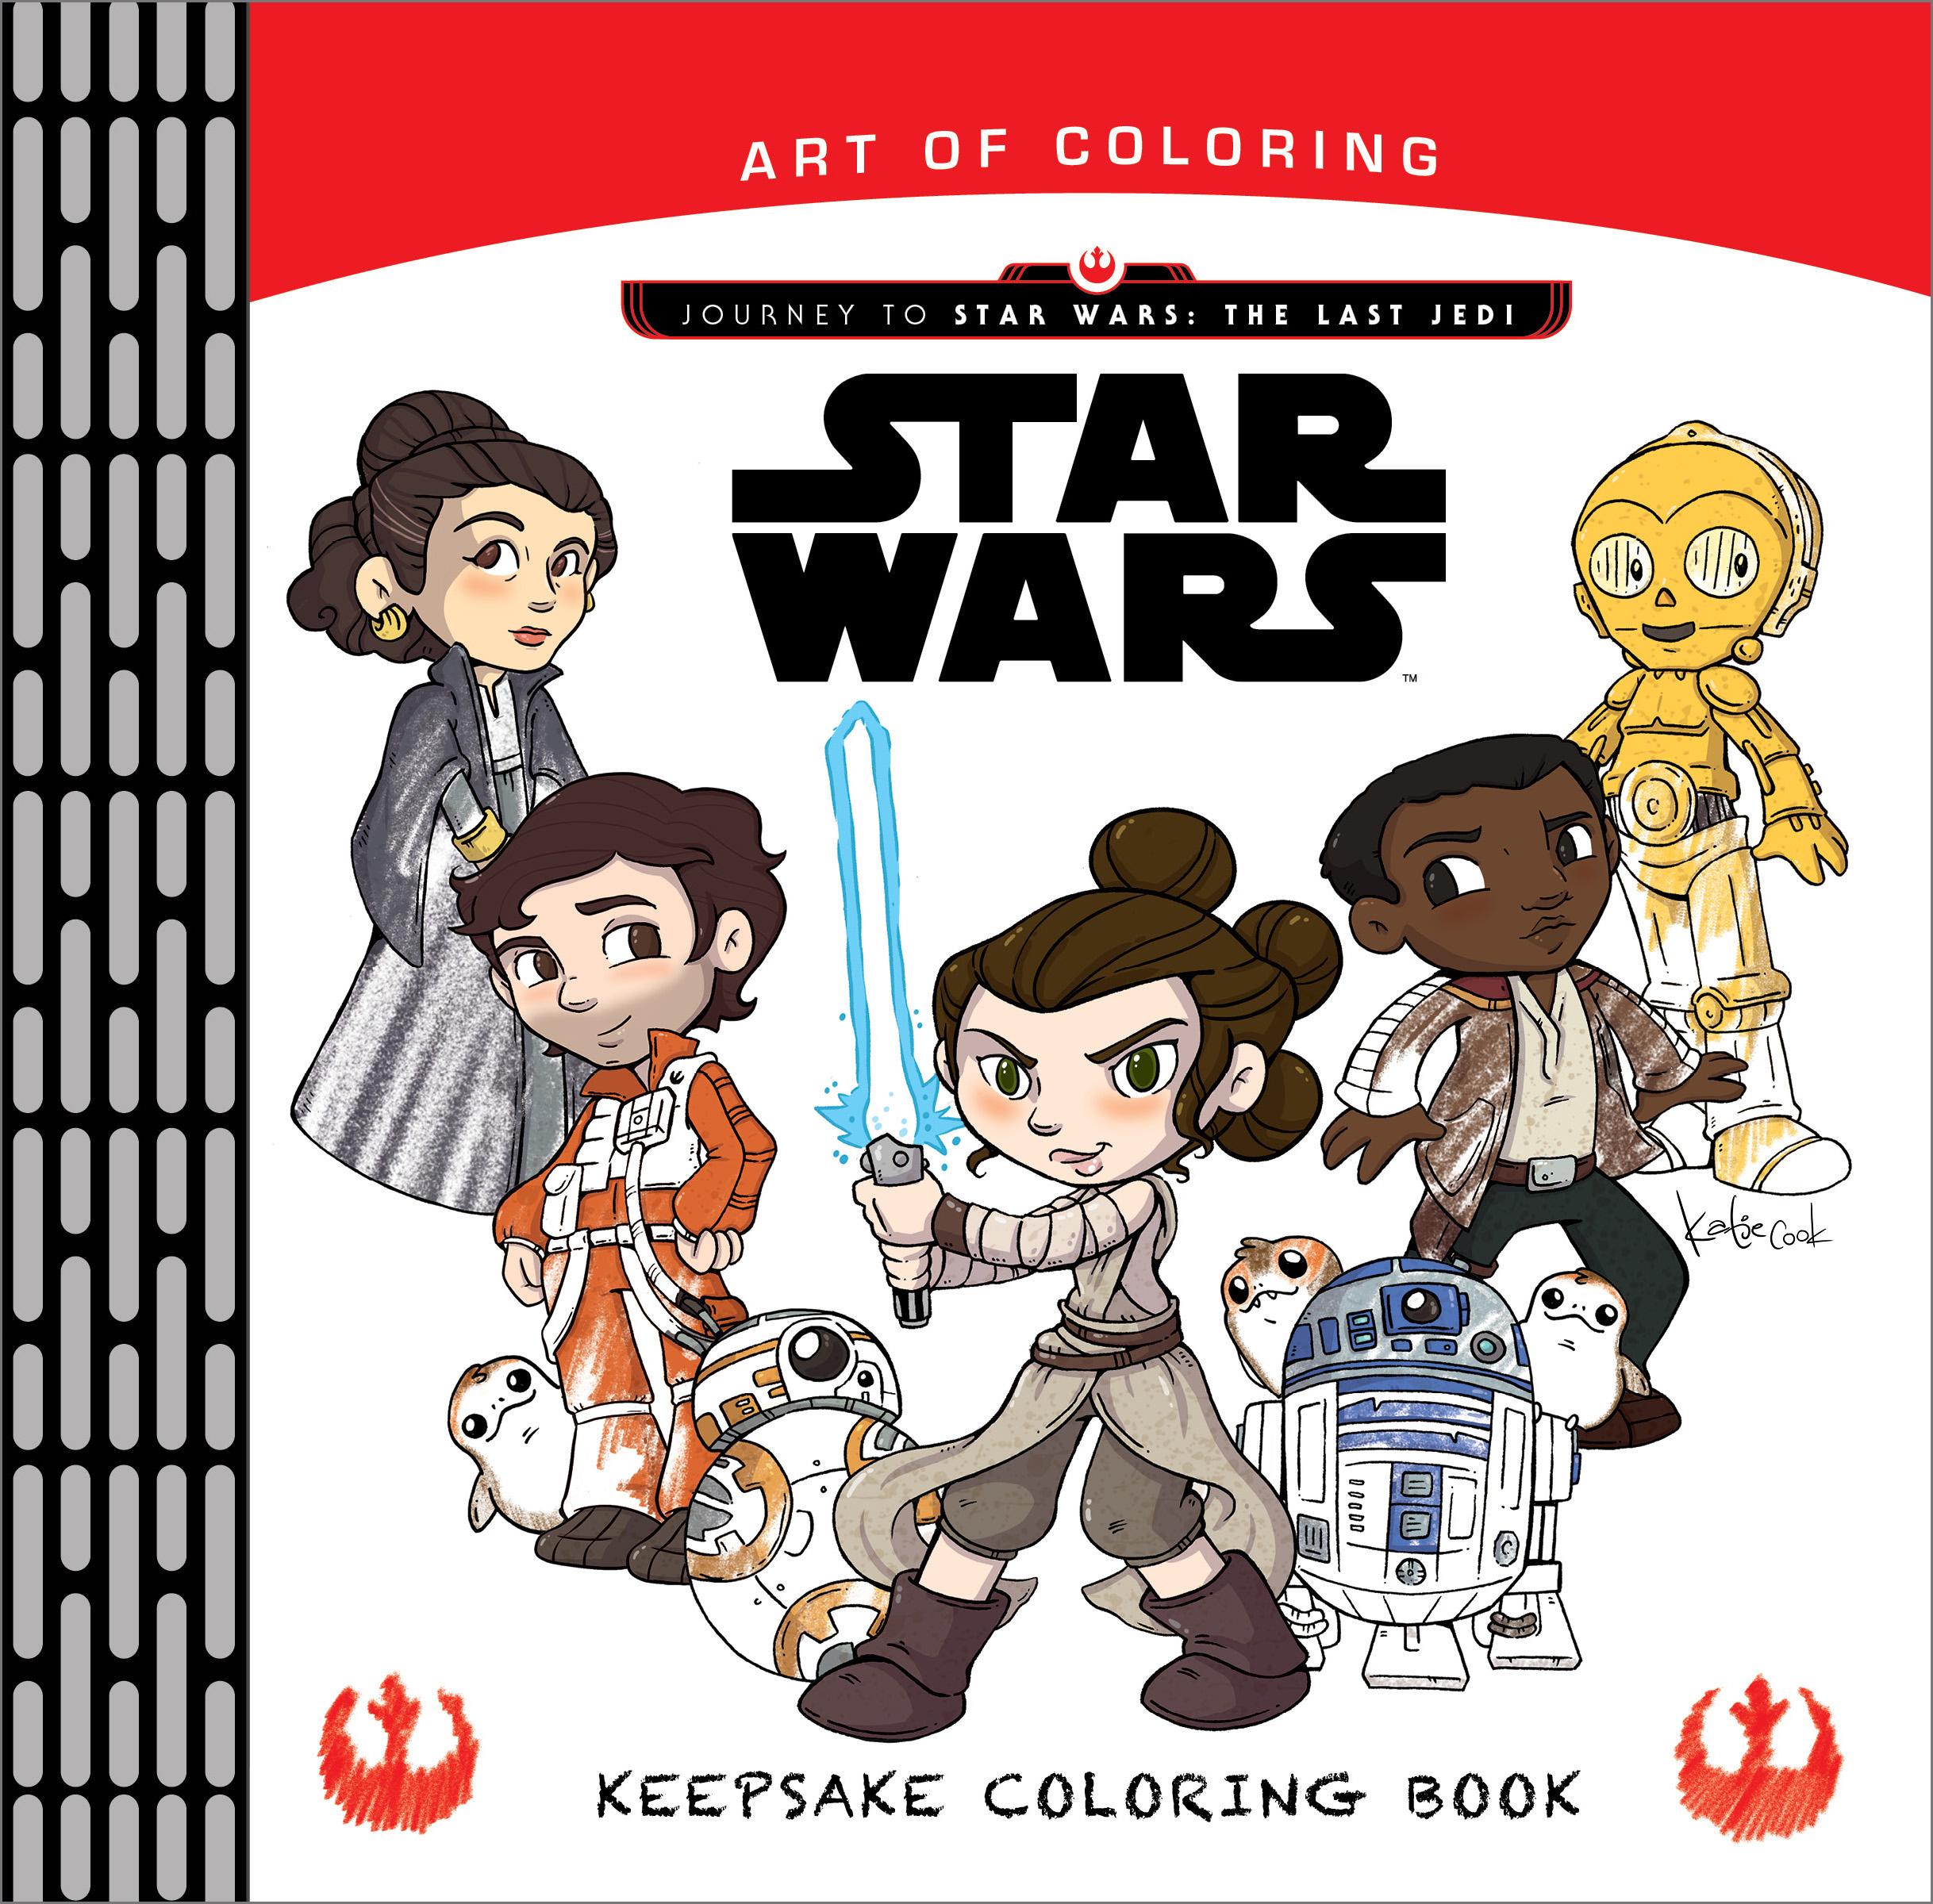 SW_Keepsake Coloring FrontCVR_b.jpg